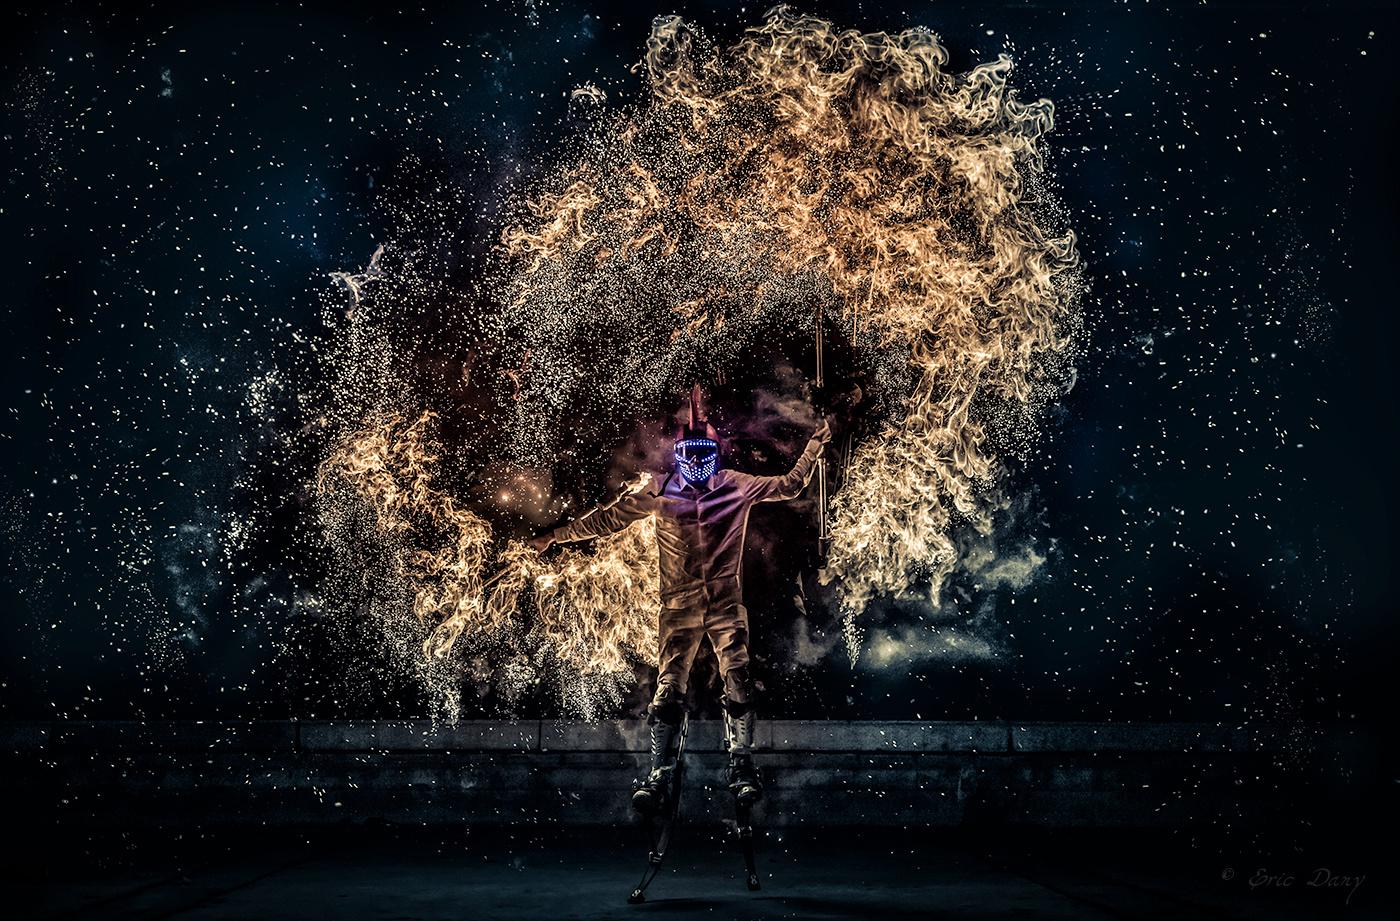 Stilts firewalker by eric dany